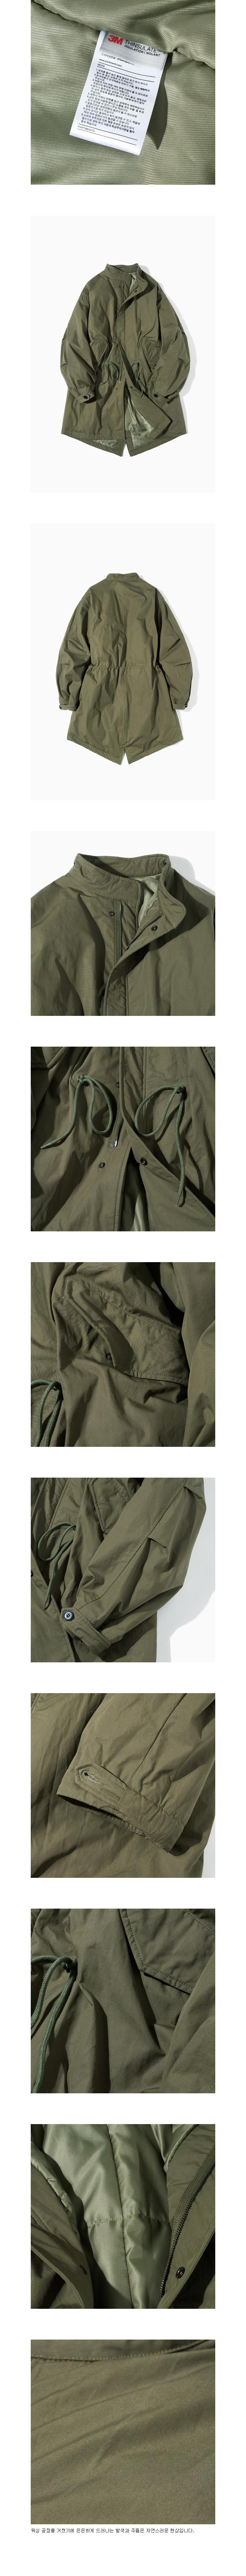 파르티멘토(PARTIMENTO) 3M 신슐레이트 M-51 피시테일 코트 패딩 카키